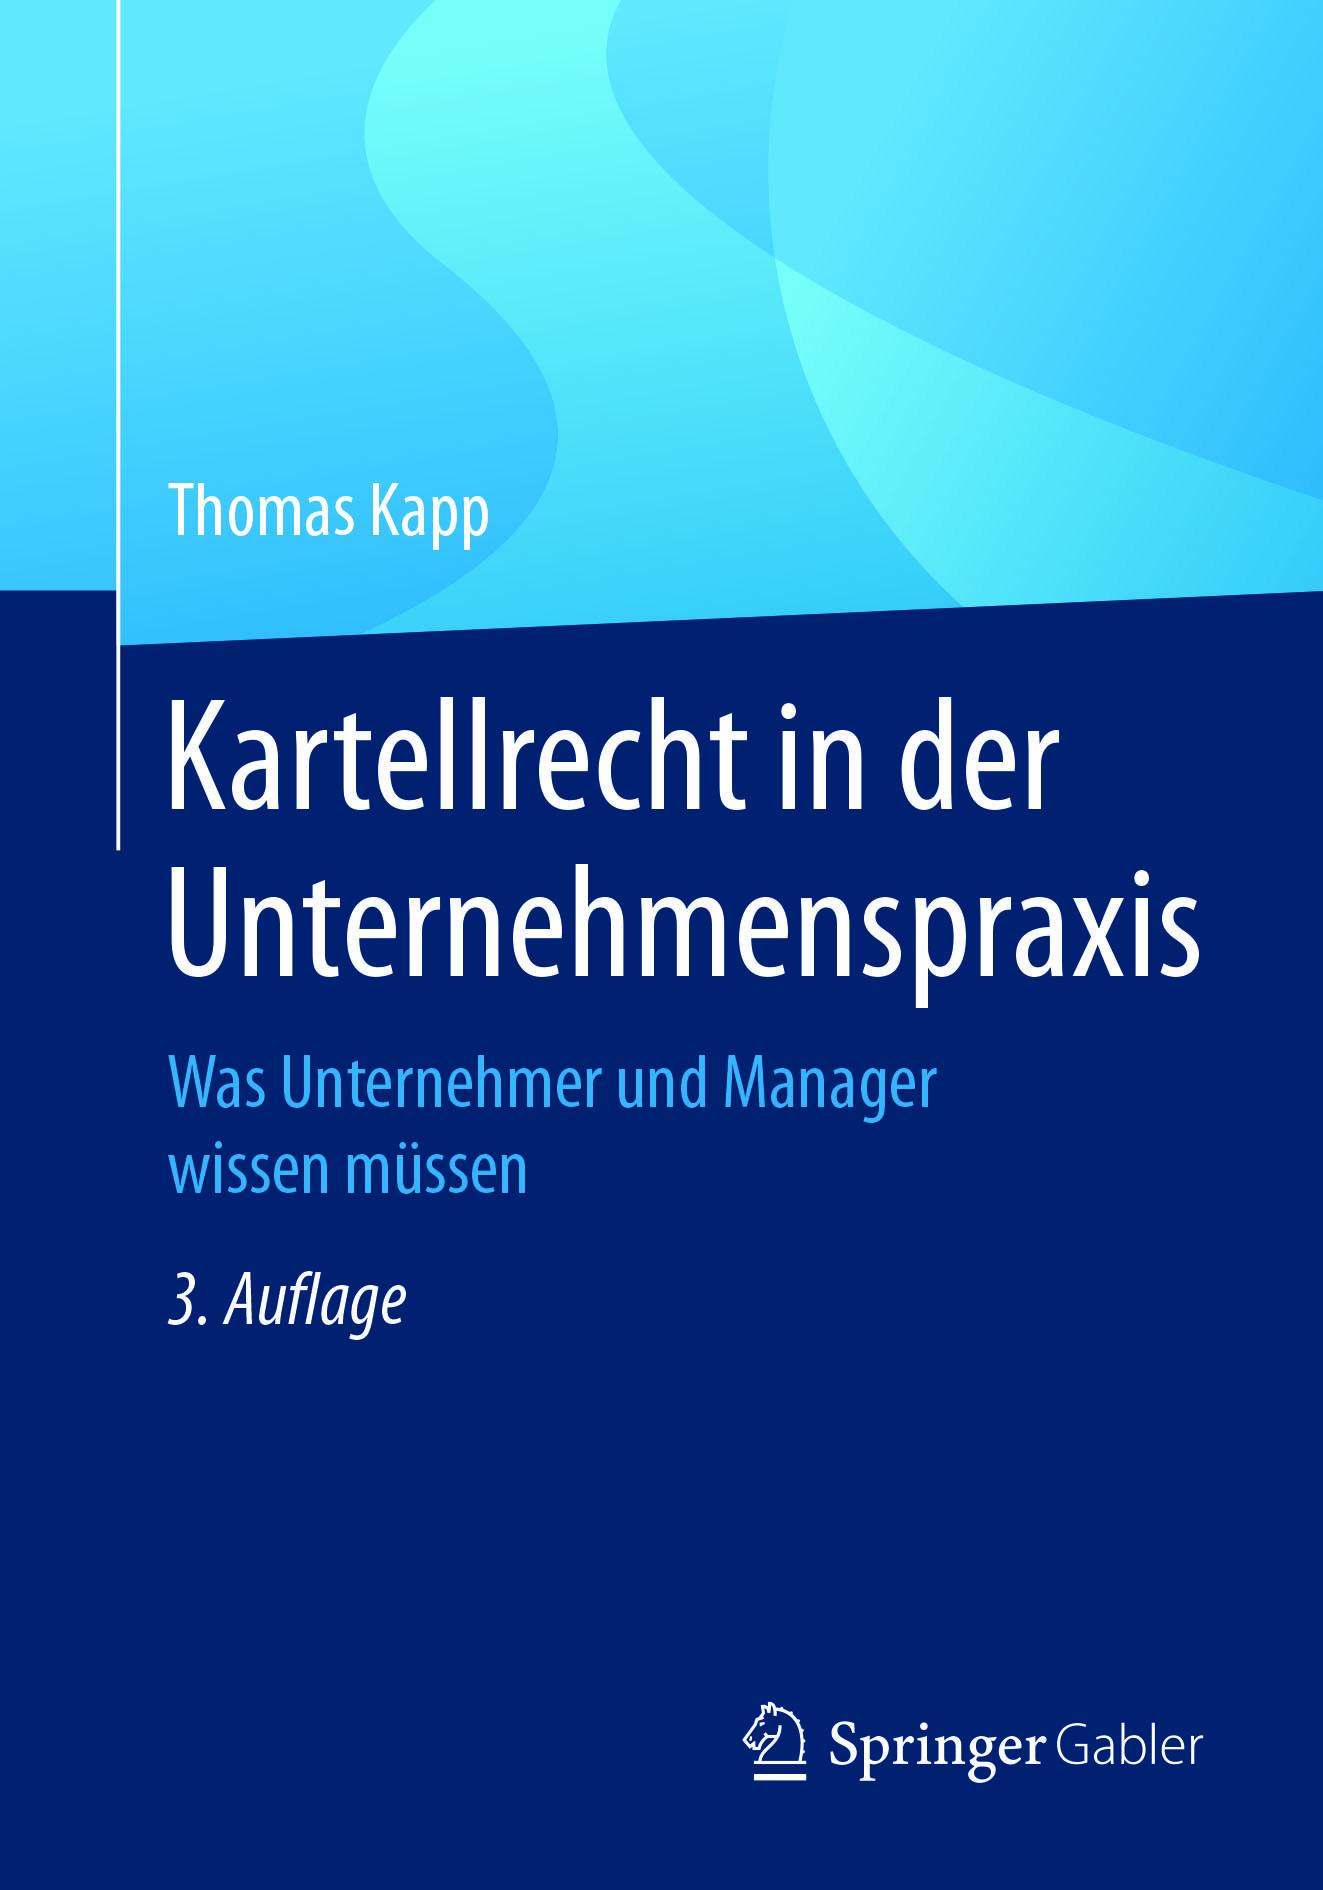 Kapp, Thomas - Kartellrecht in der Unternehmenspraxis, ebook